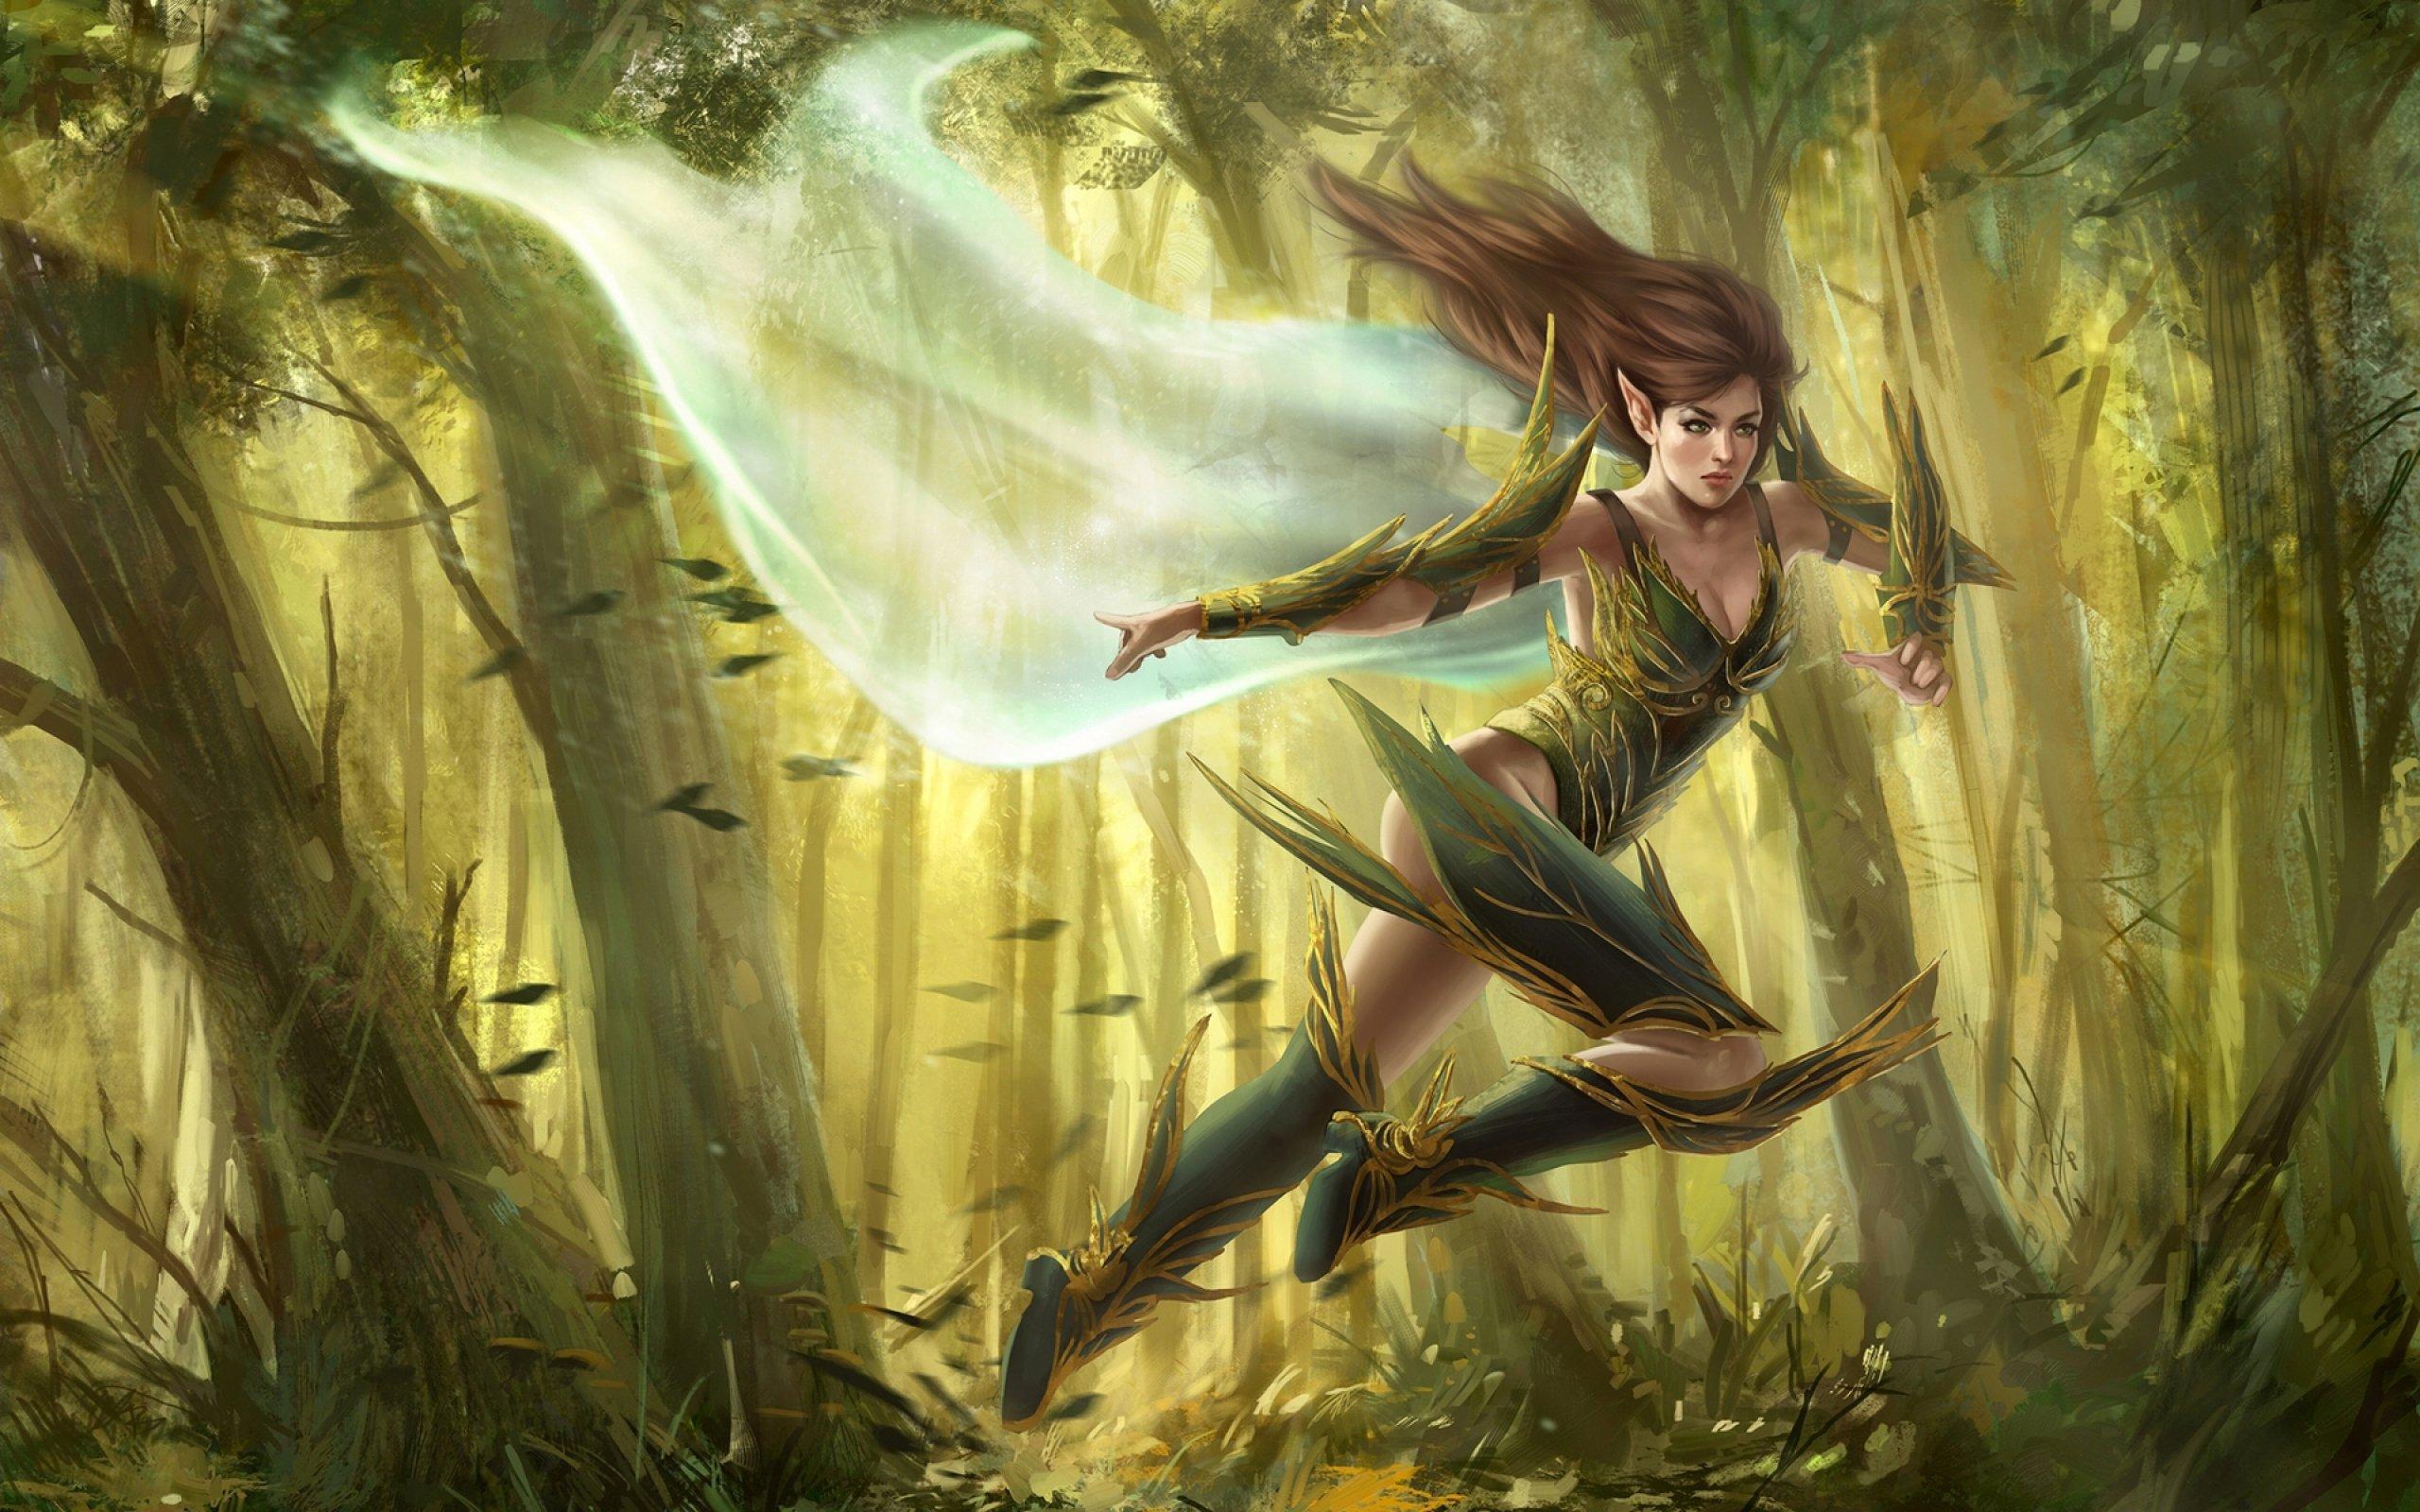 elf elves fantasy art artistic wallpaper 2560x1600